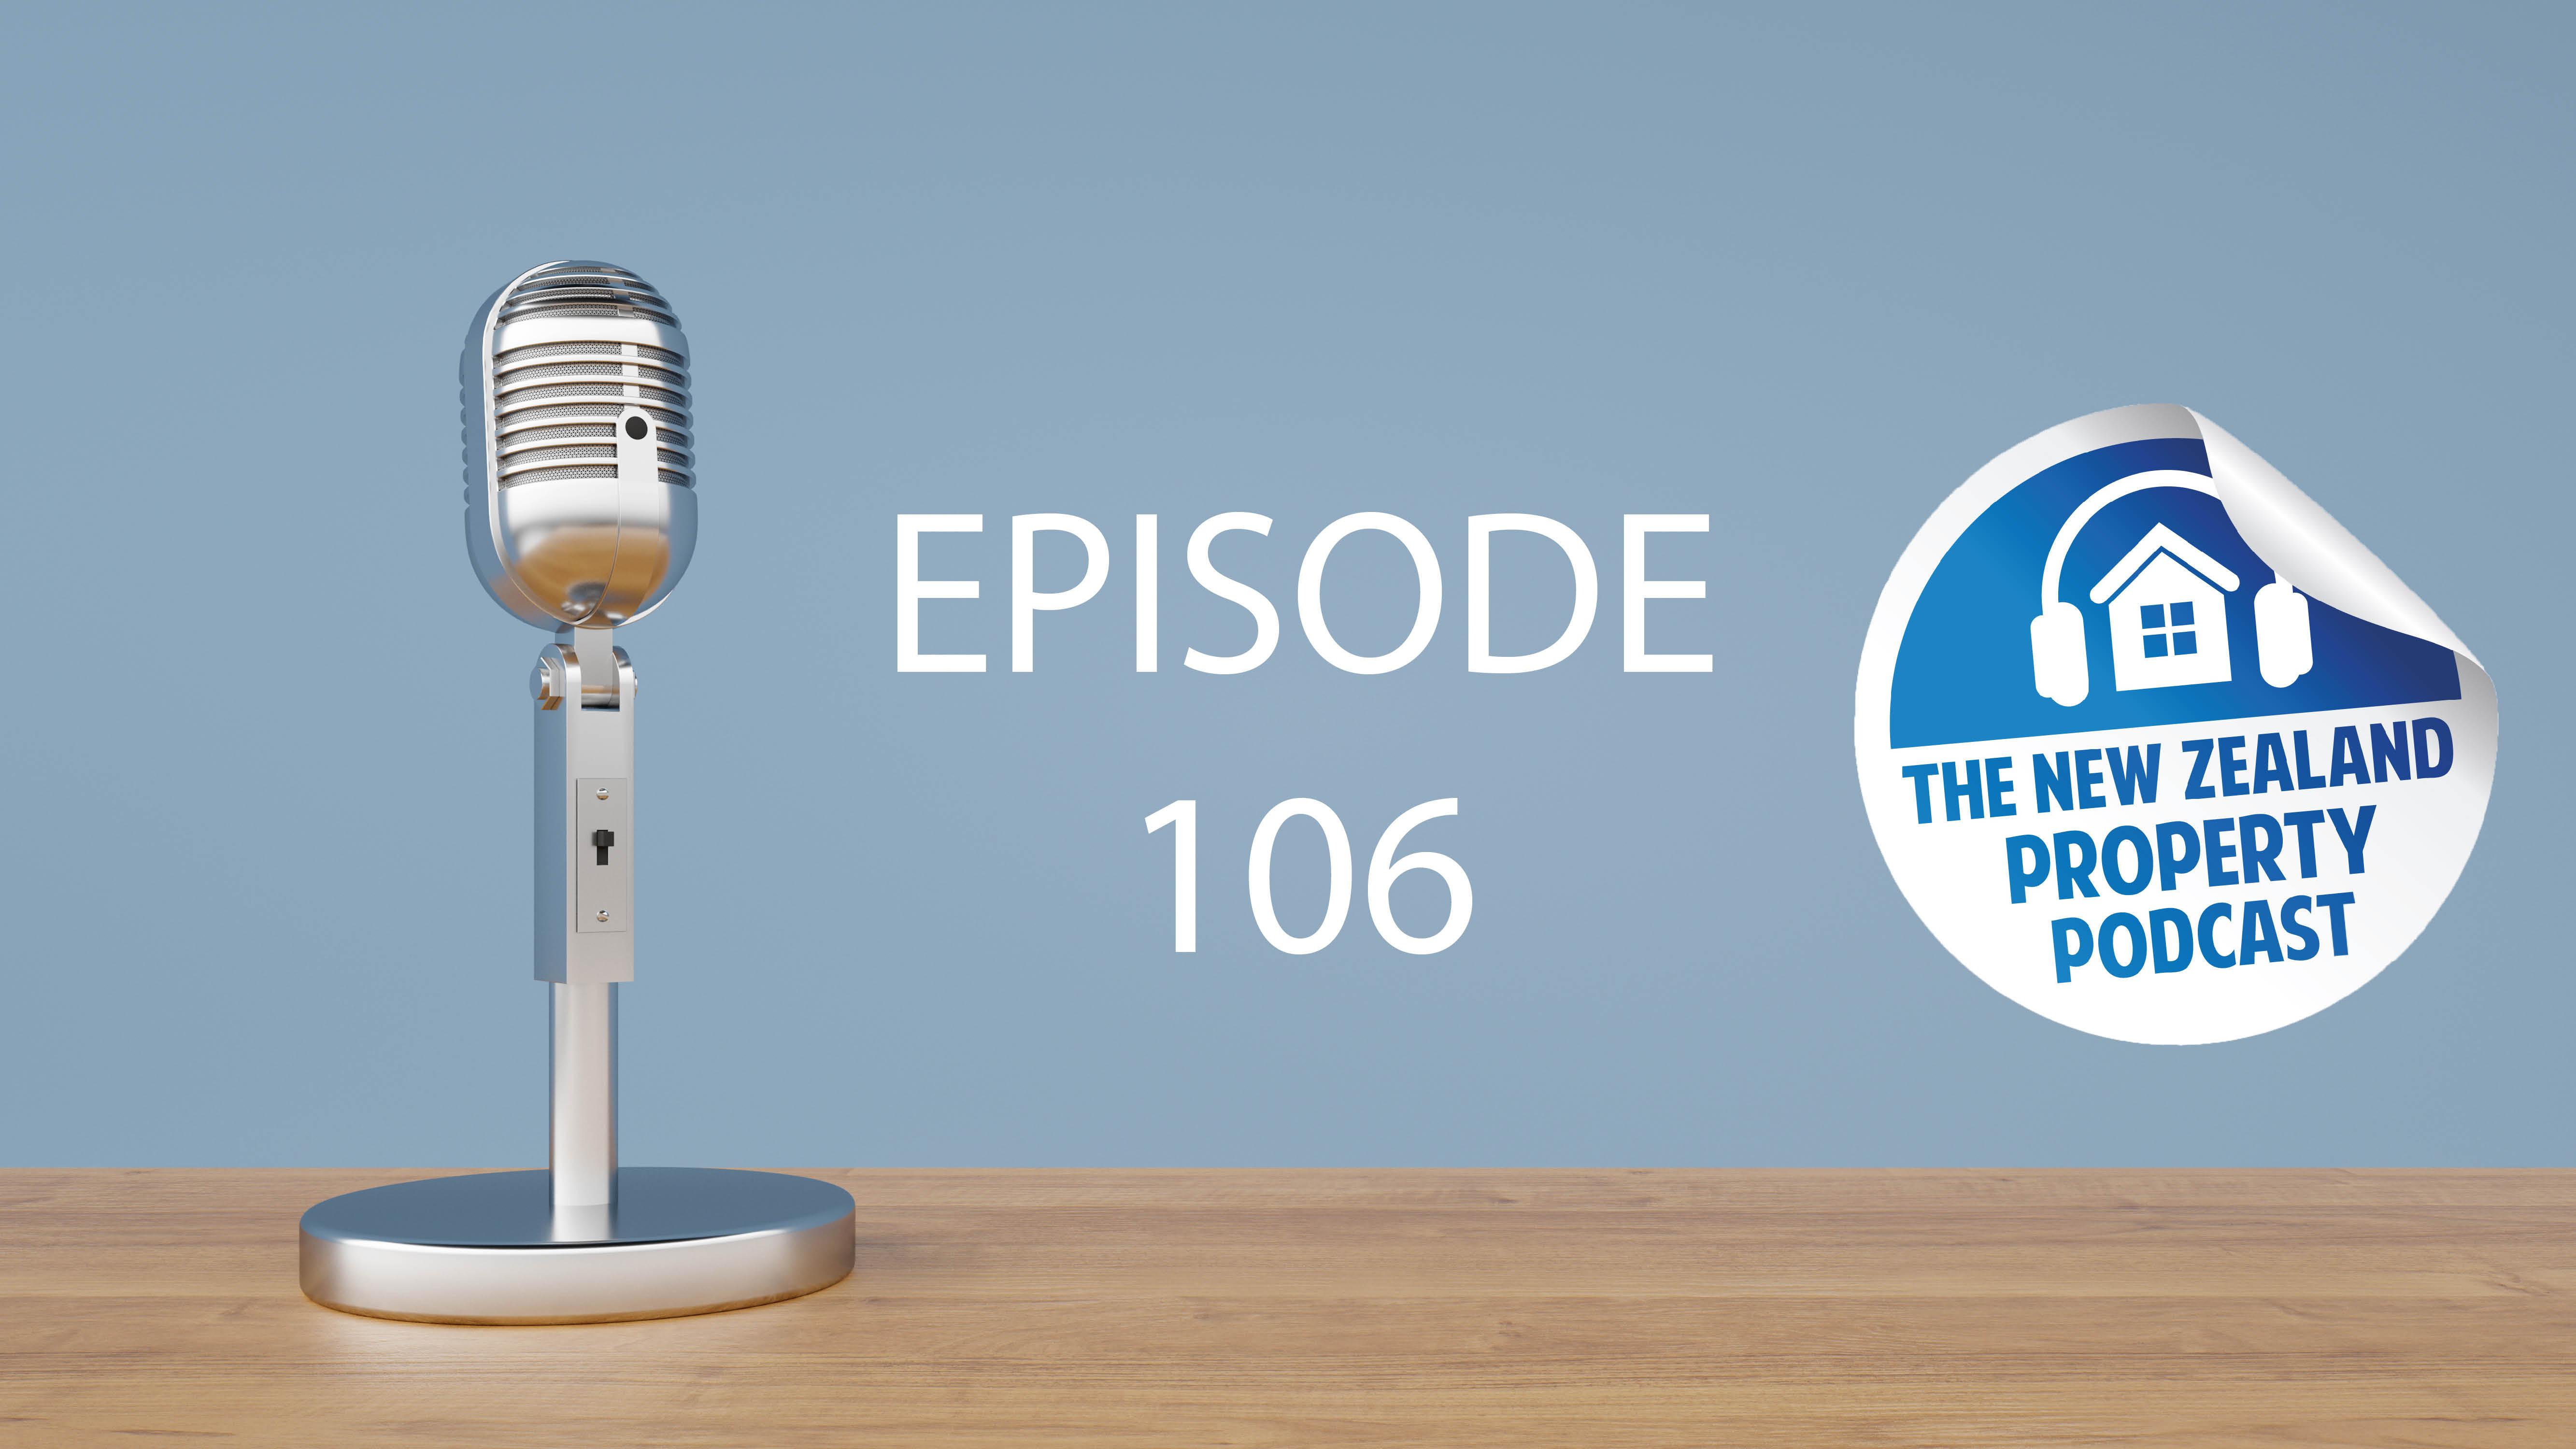 New Zealand Property Podcast Episode 106